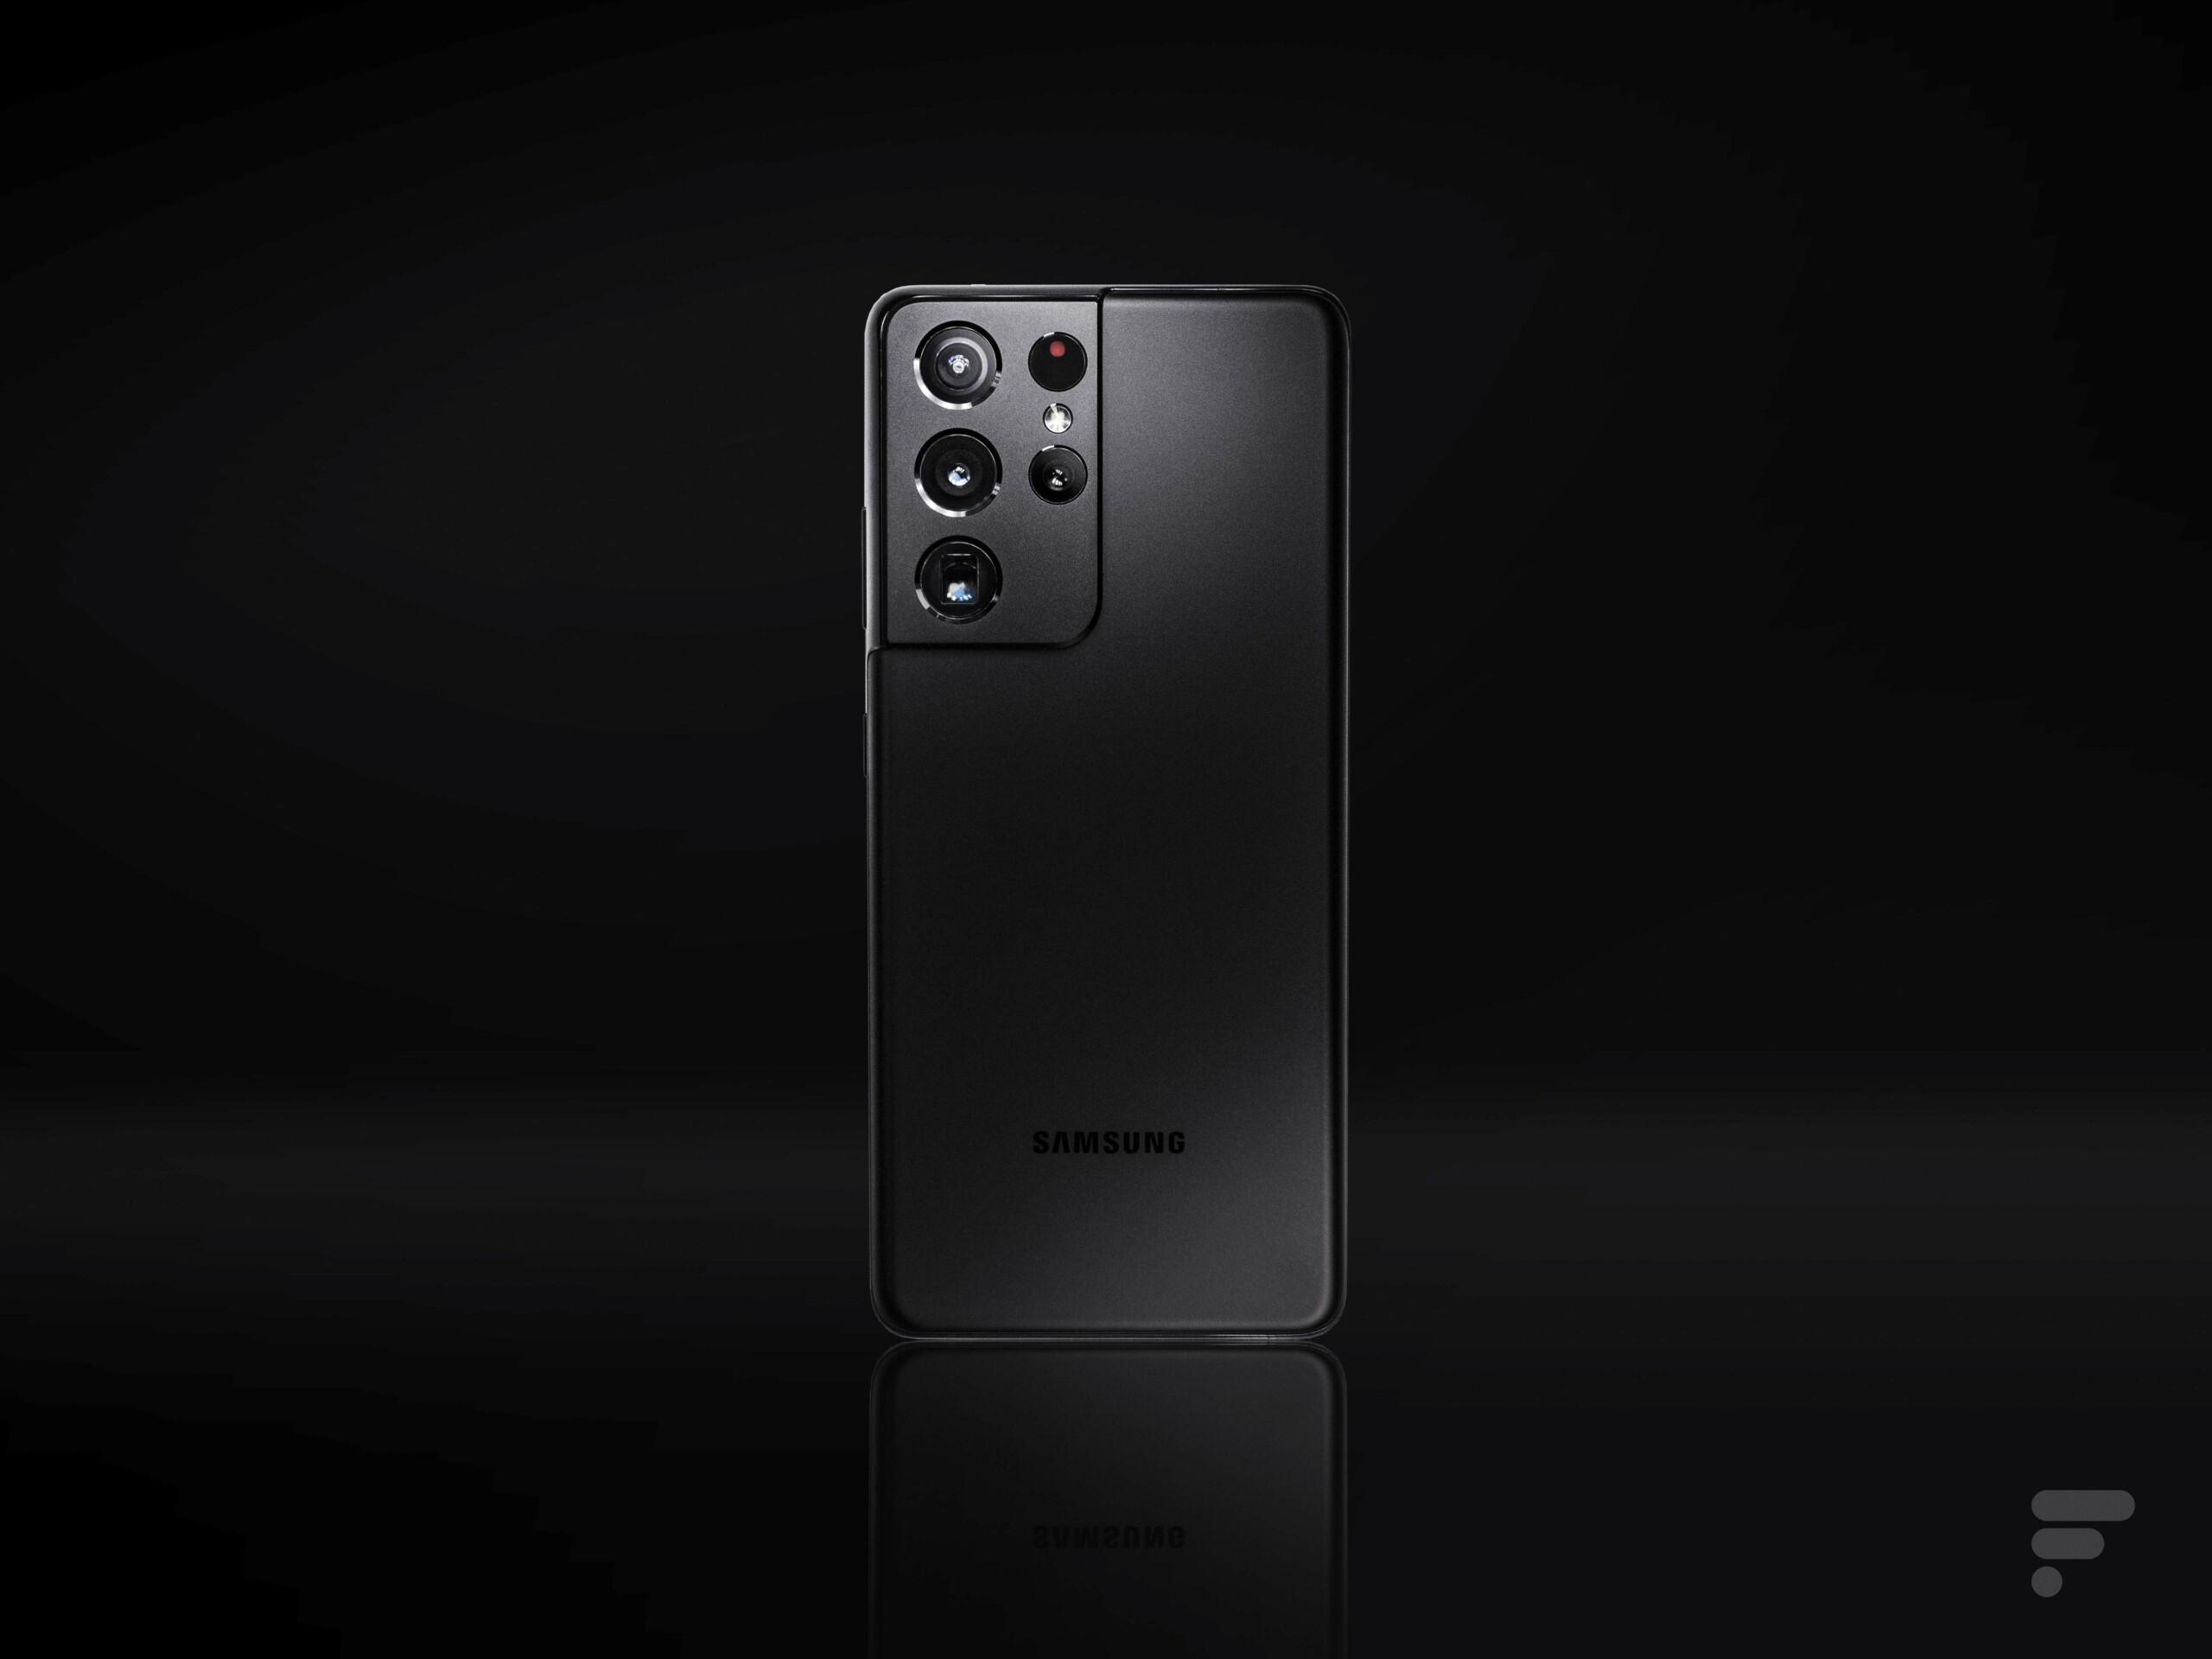 Samsung Galaxy S21 Ultra : moins bon en photo que le Galaxy S20 Ultra selon DxOMark - Frandroid